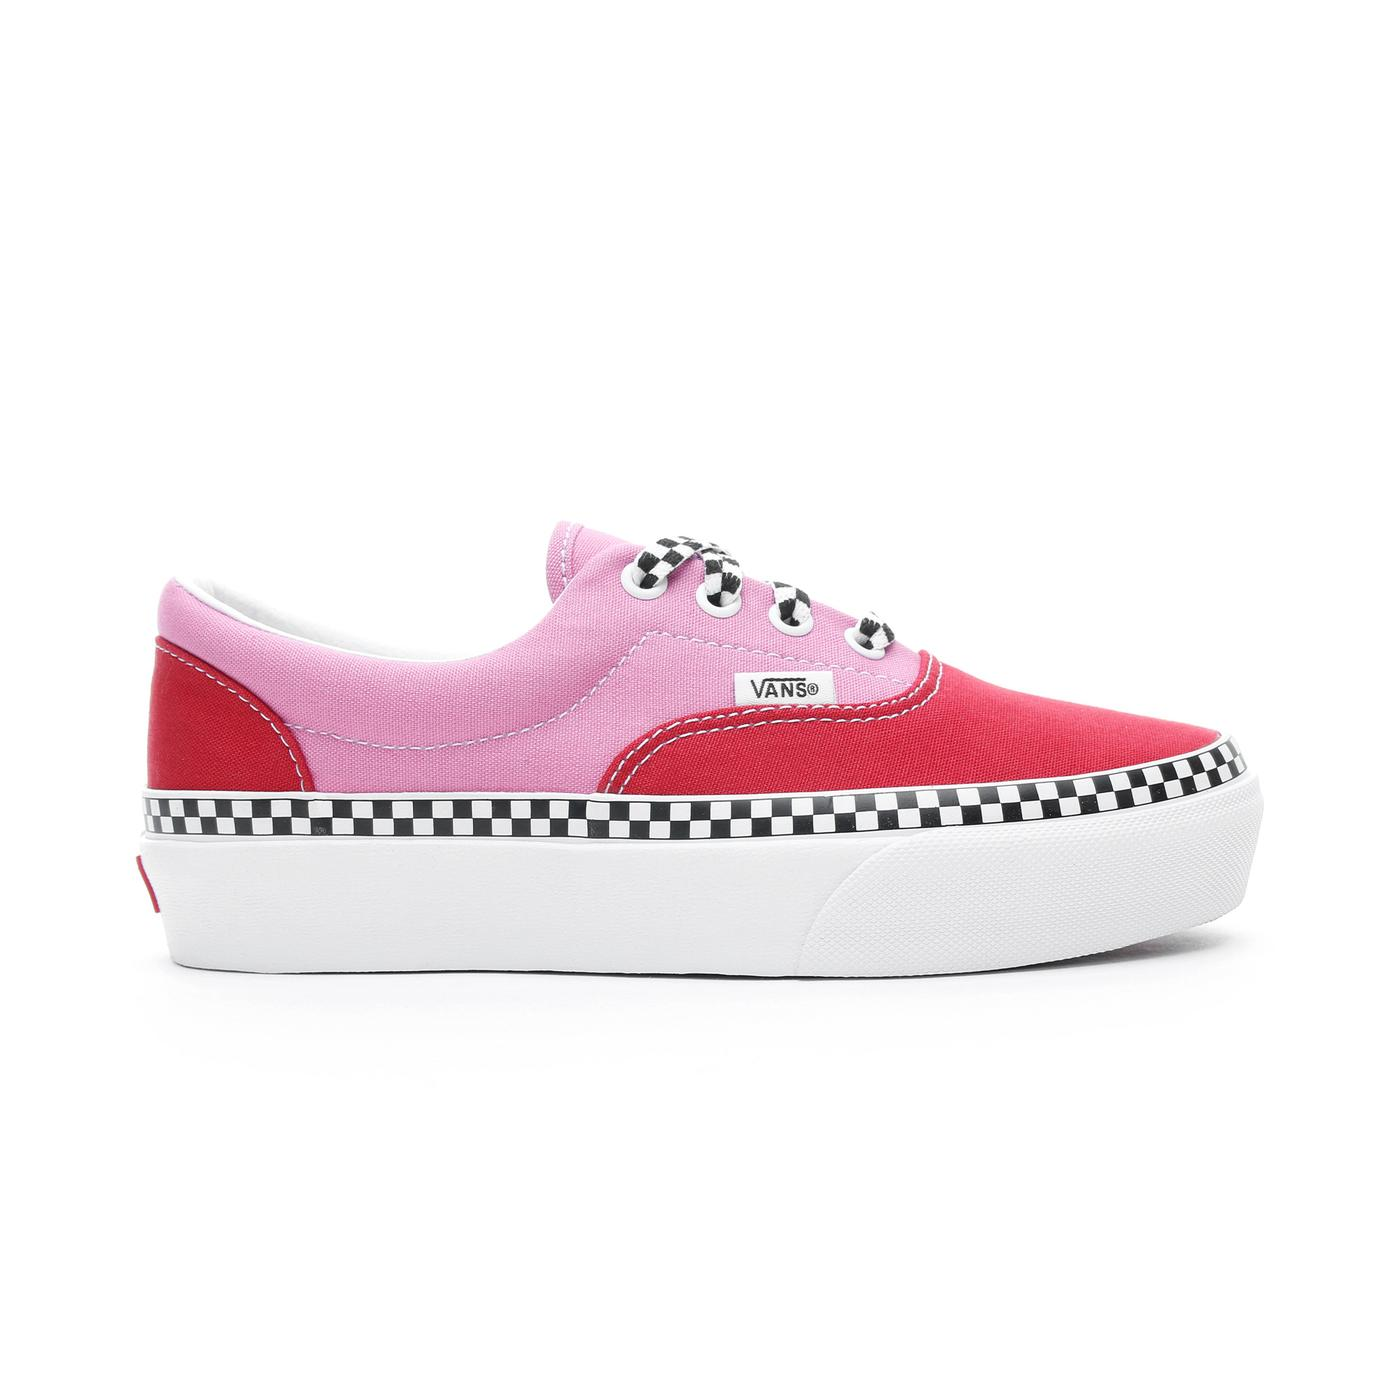 Vans Era Platform Kadın Pembe-Kırmızı Sneaker